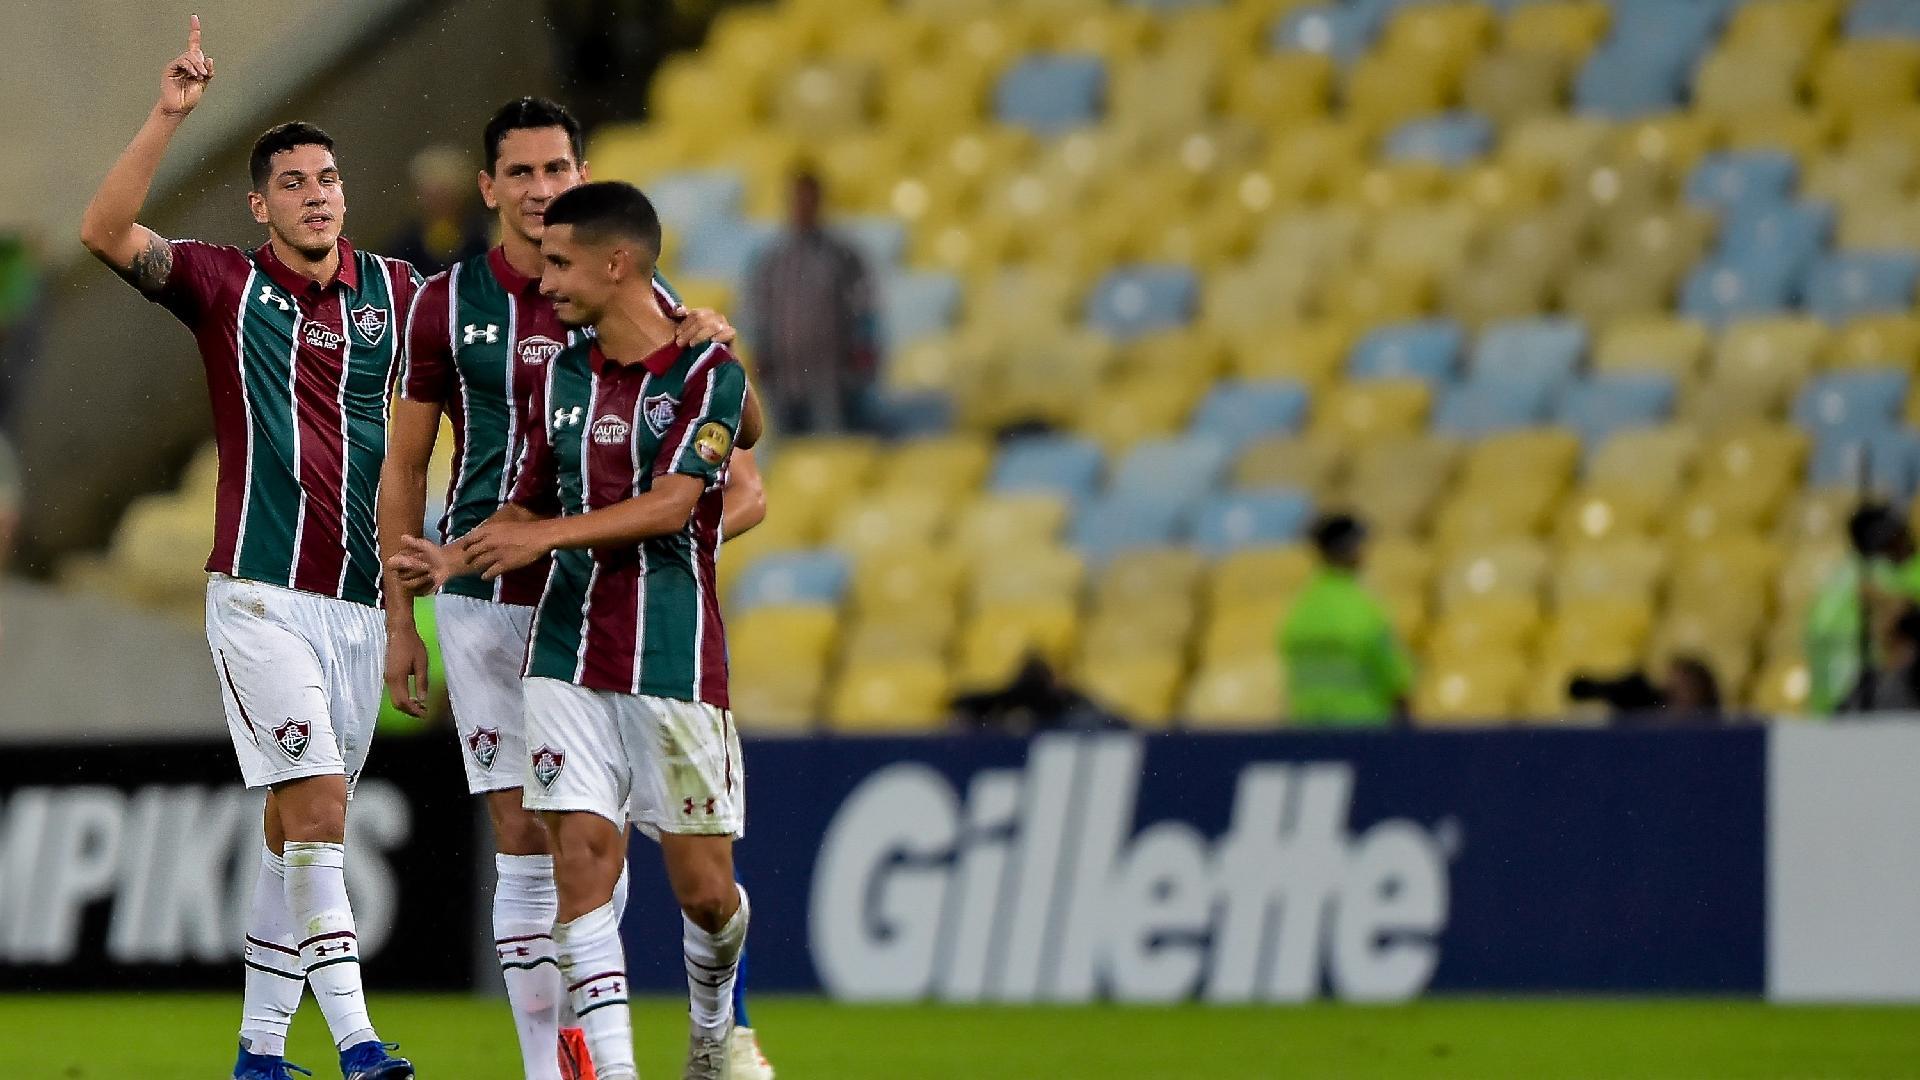 Nino, do Fluminense, comemora seu gol durante partida contra o Cruzeiro pelo Campeonato Brasileiro A 2019